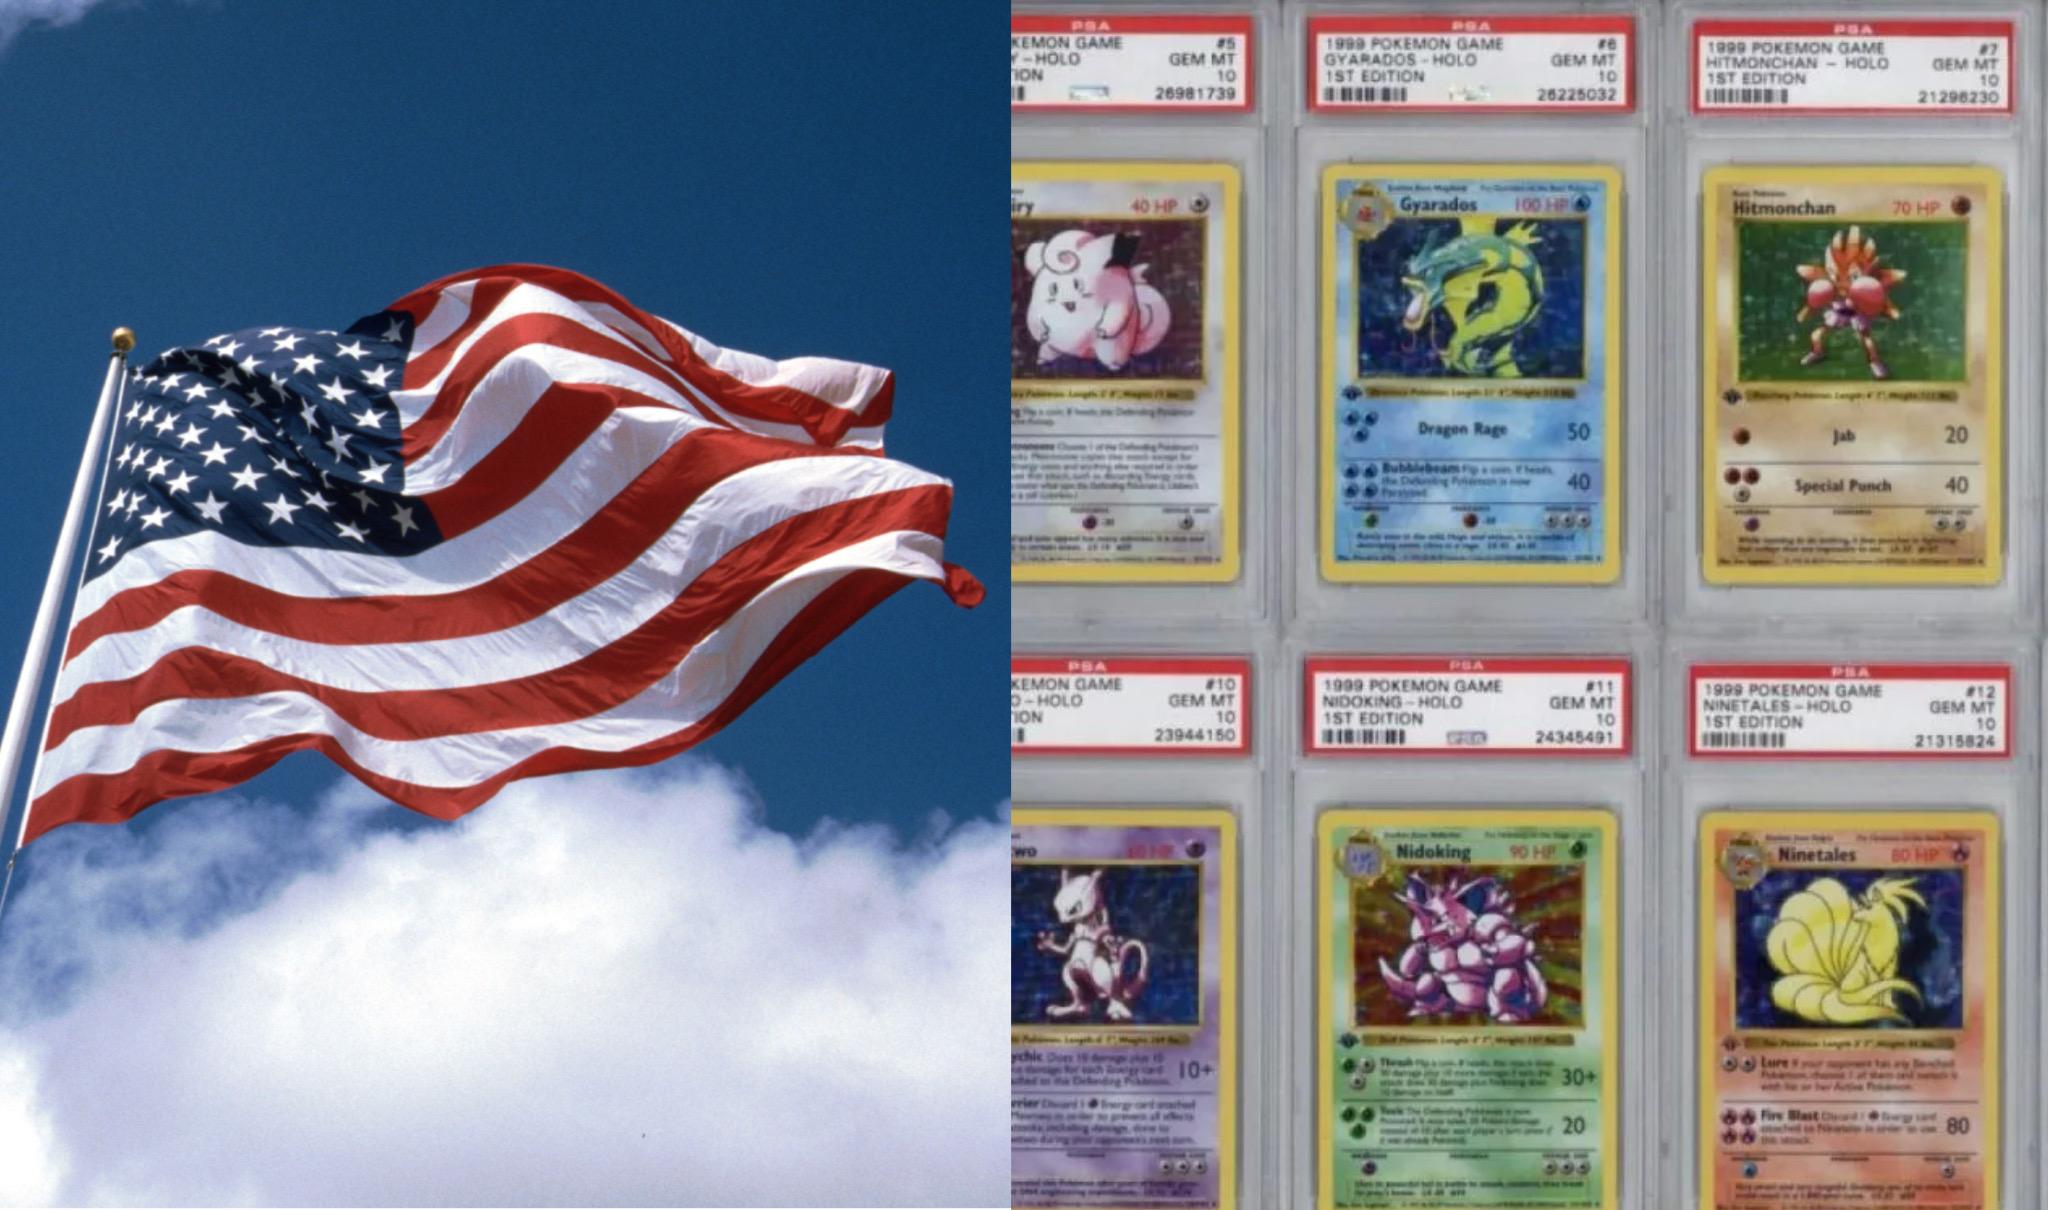 Bandiera USA e TCG Pokémon